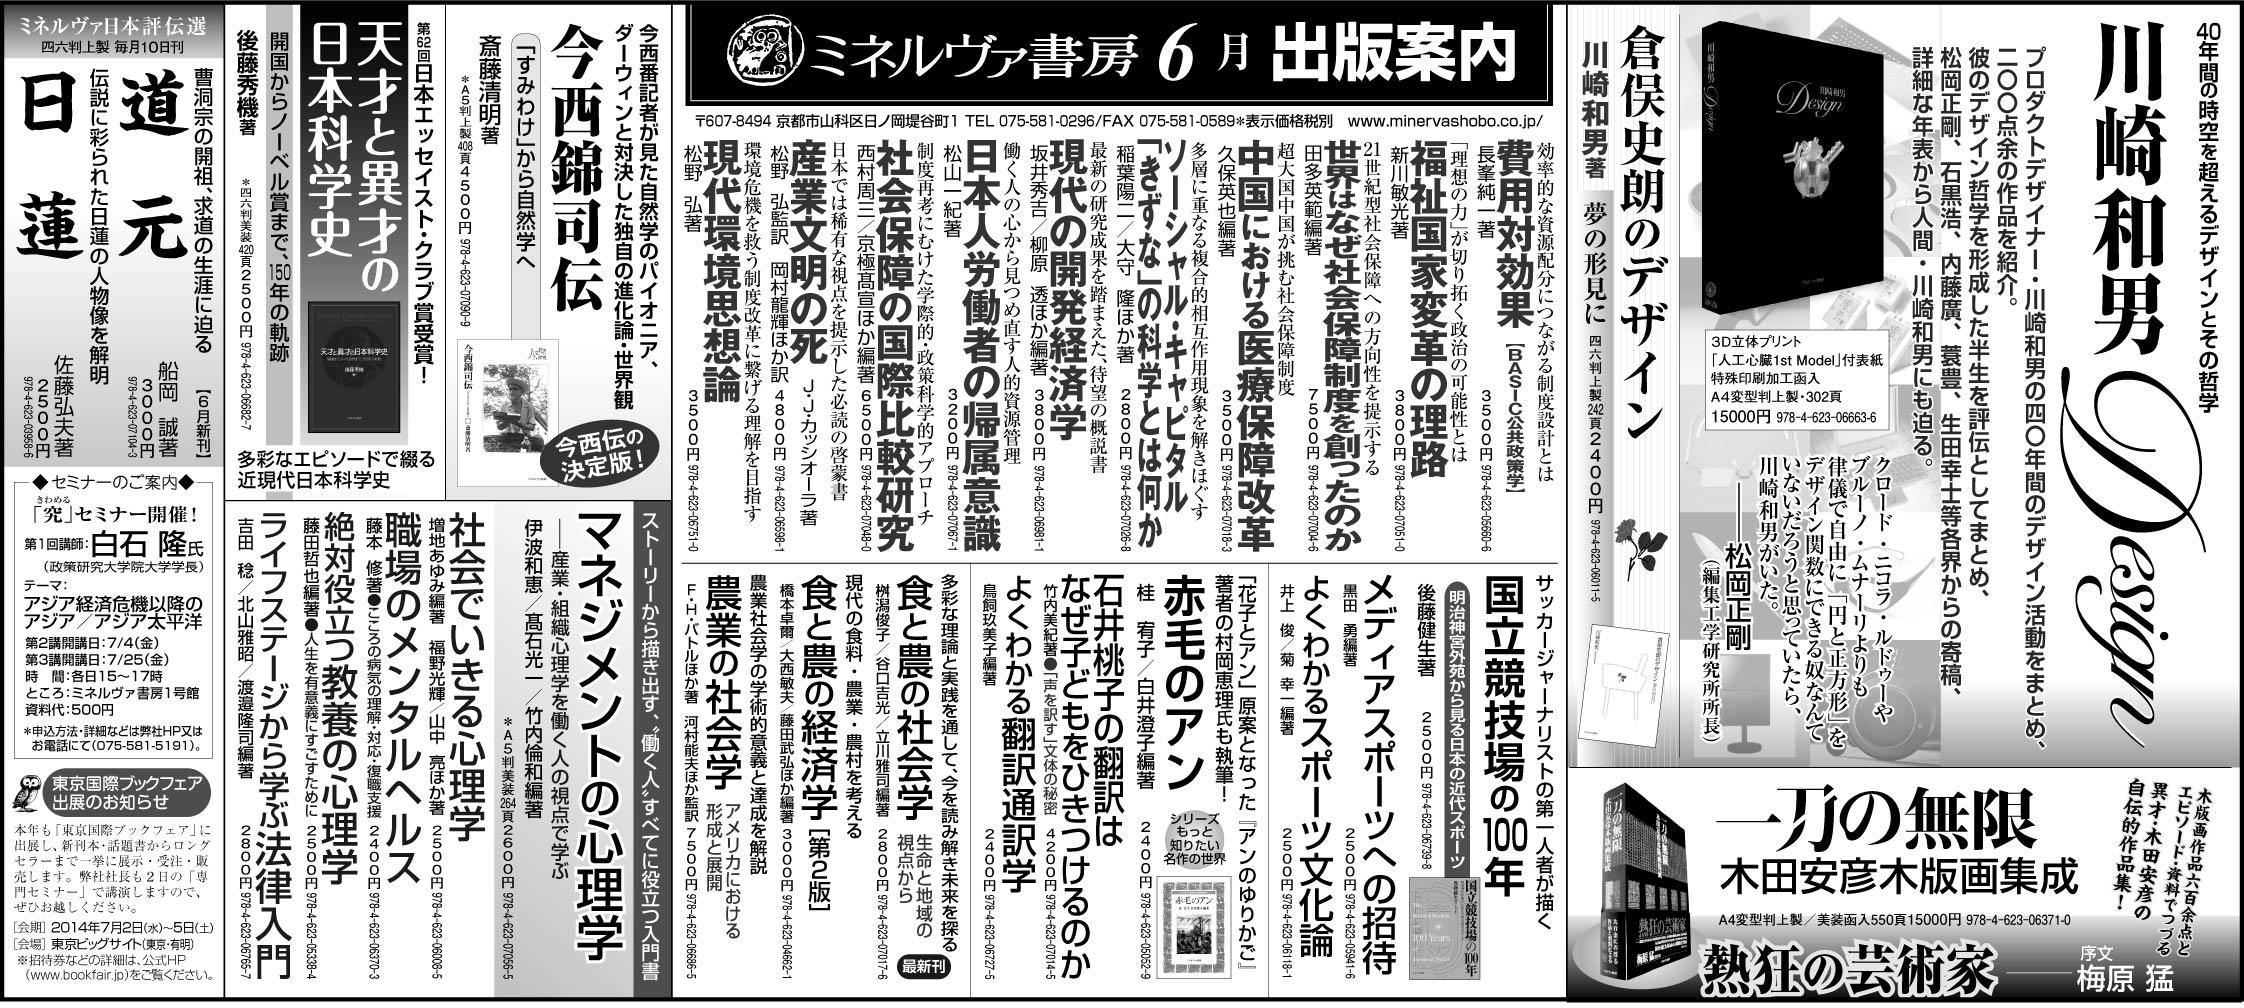 日本経済新聞全5段広告2014年6月22日掲載